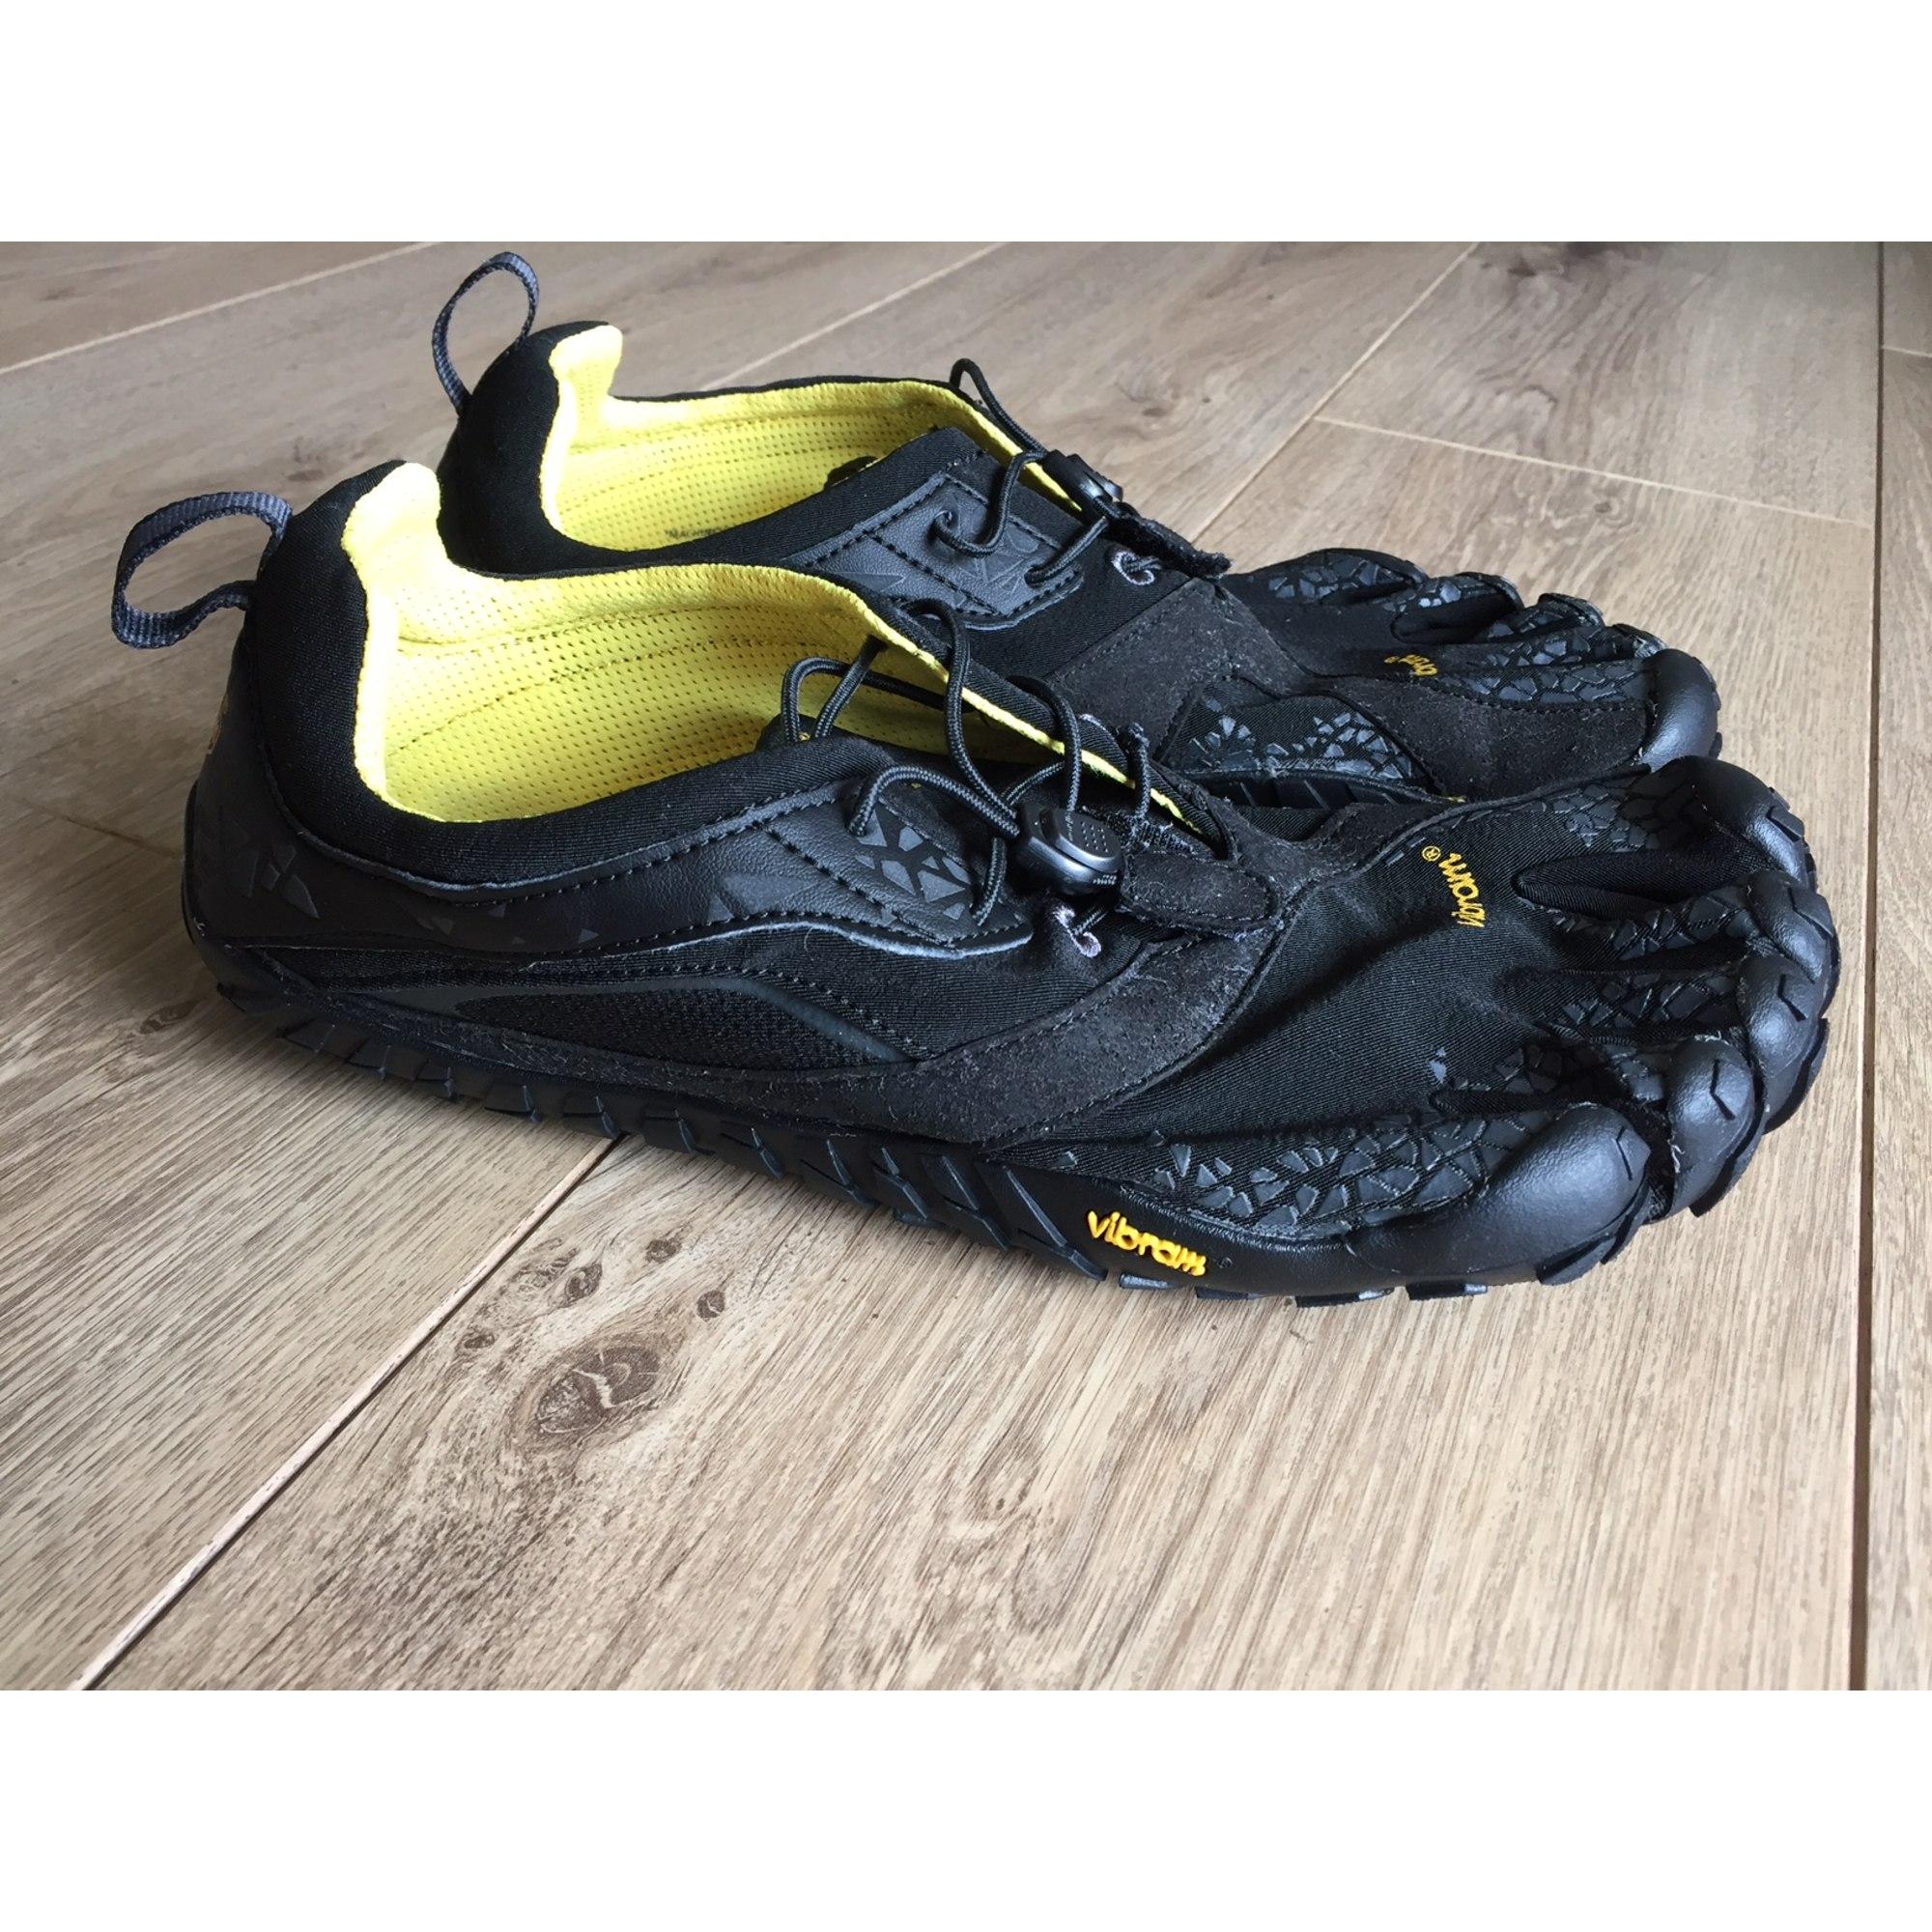 f997d526cc5 Chaussures de sport VIBRAM FIVE FINGERS 43 noir vendu par Thomashe ...